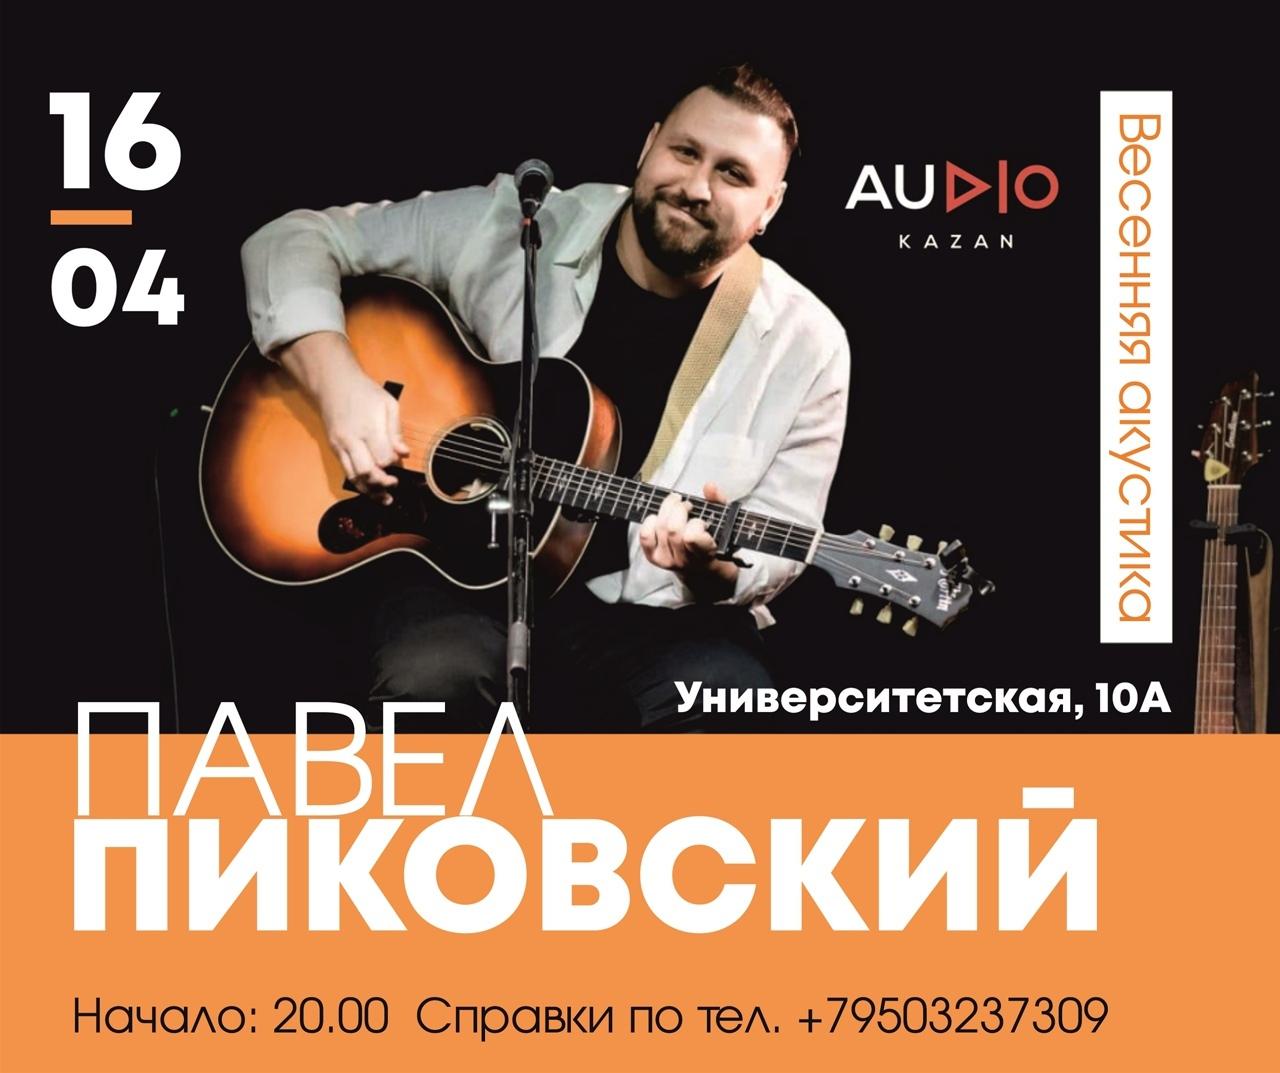 Афиша Казань Павел Пиковский в Казани/ 16 апреля